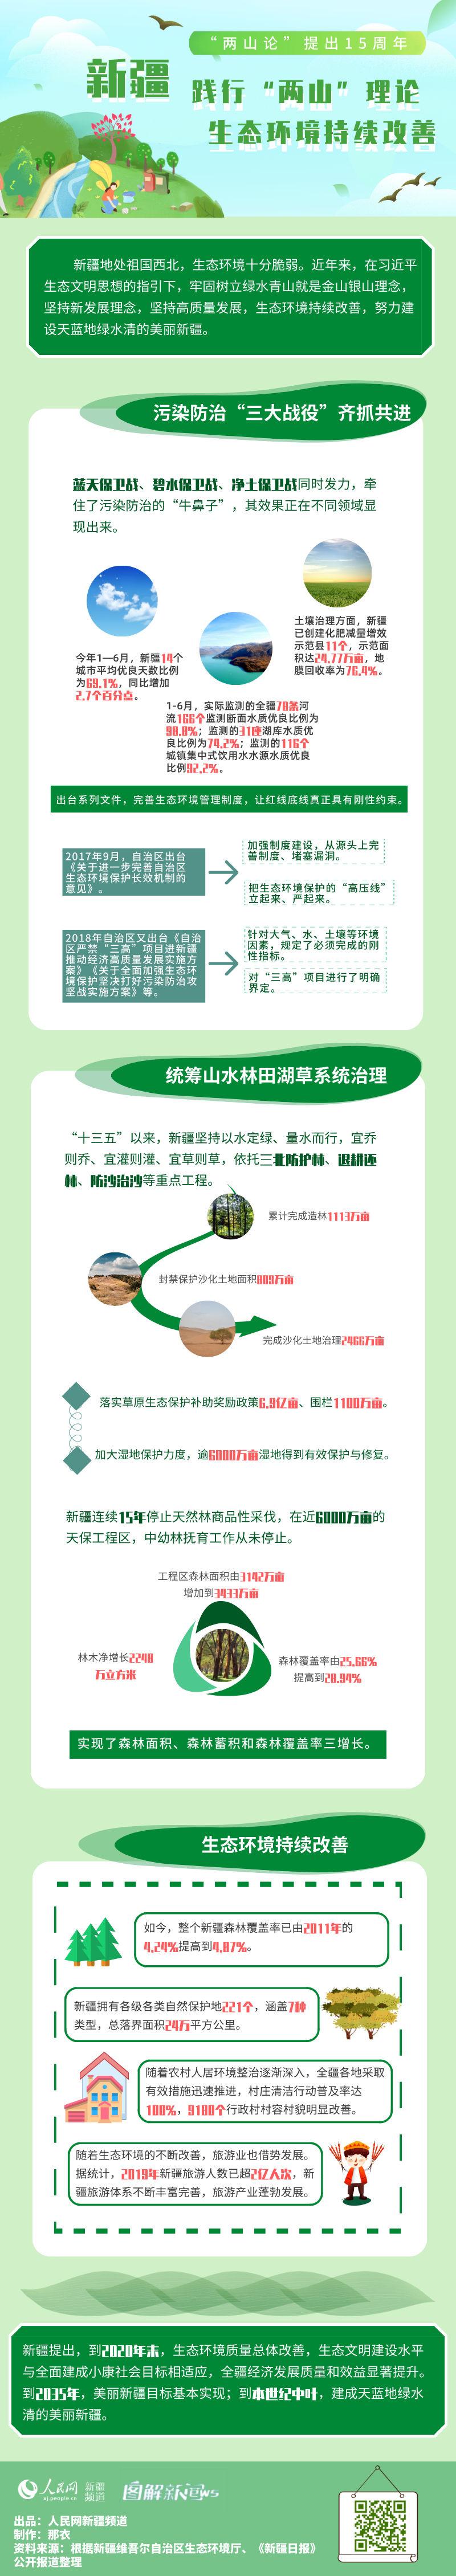 """图解:新疆践行""""两山""""理念 生态环境持续改善"""